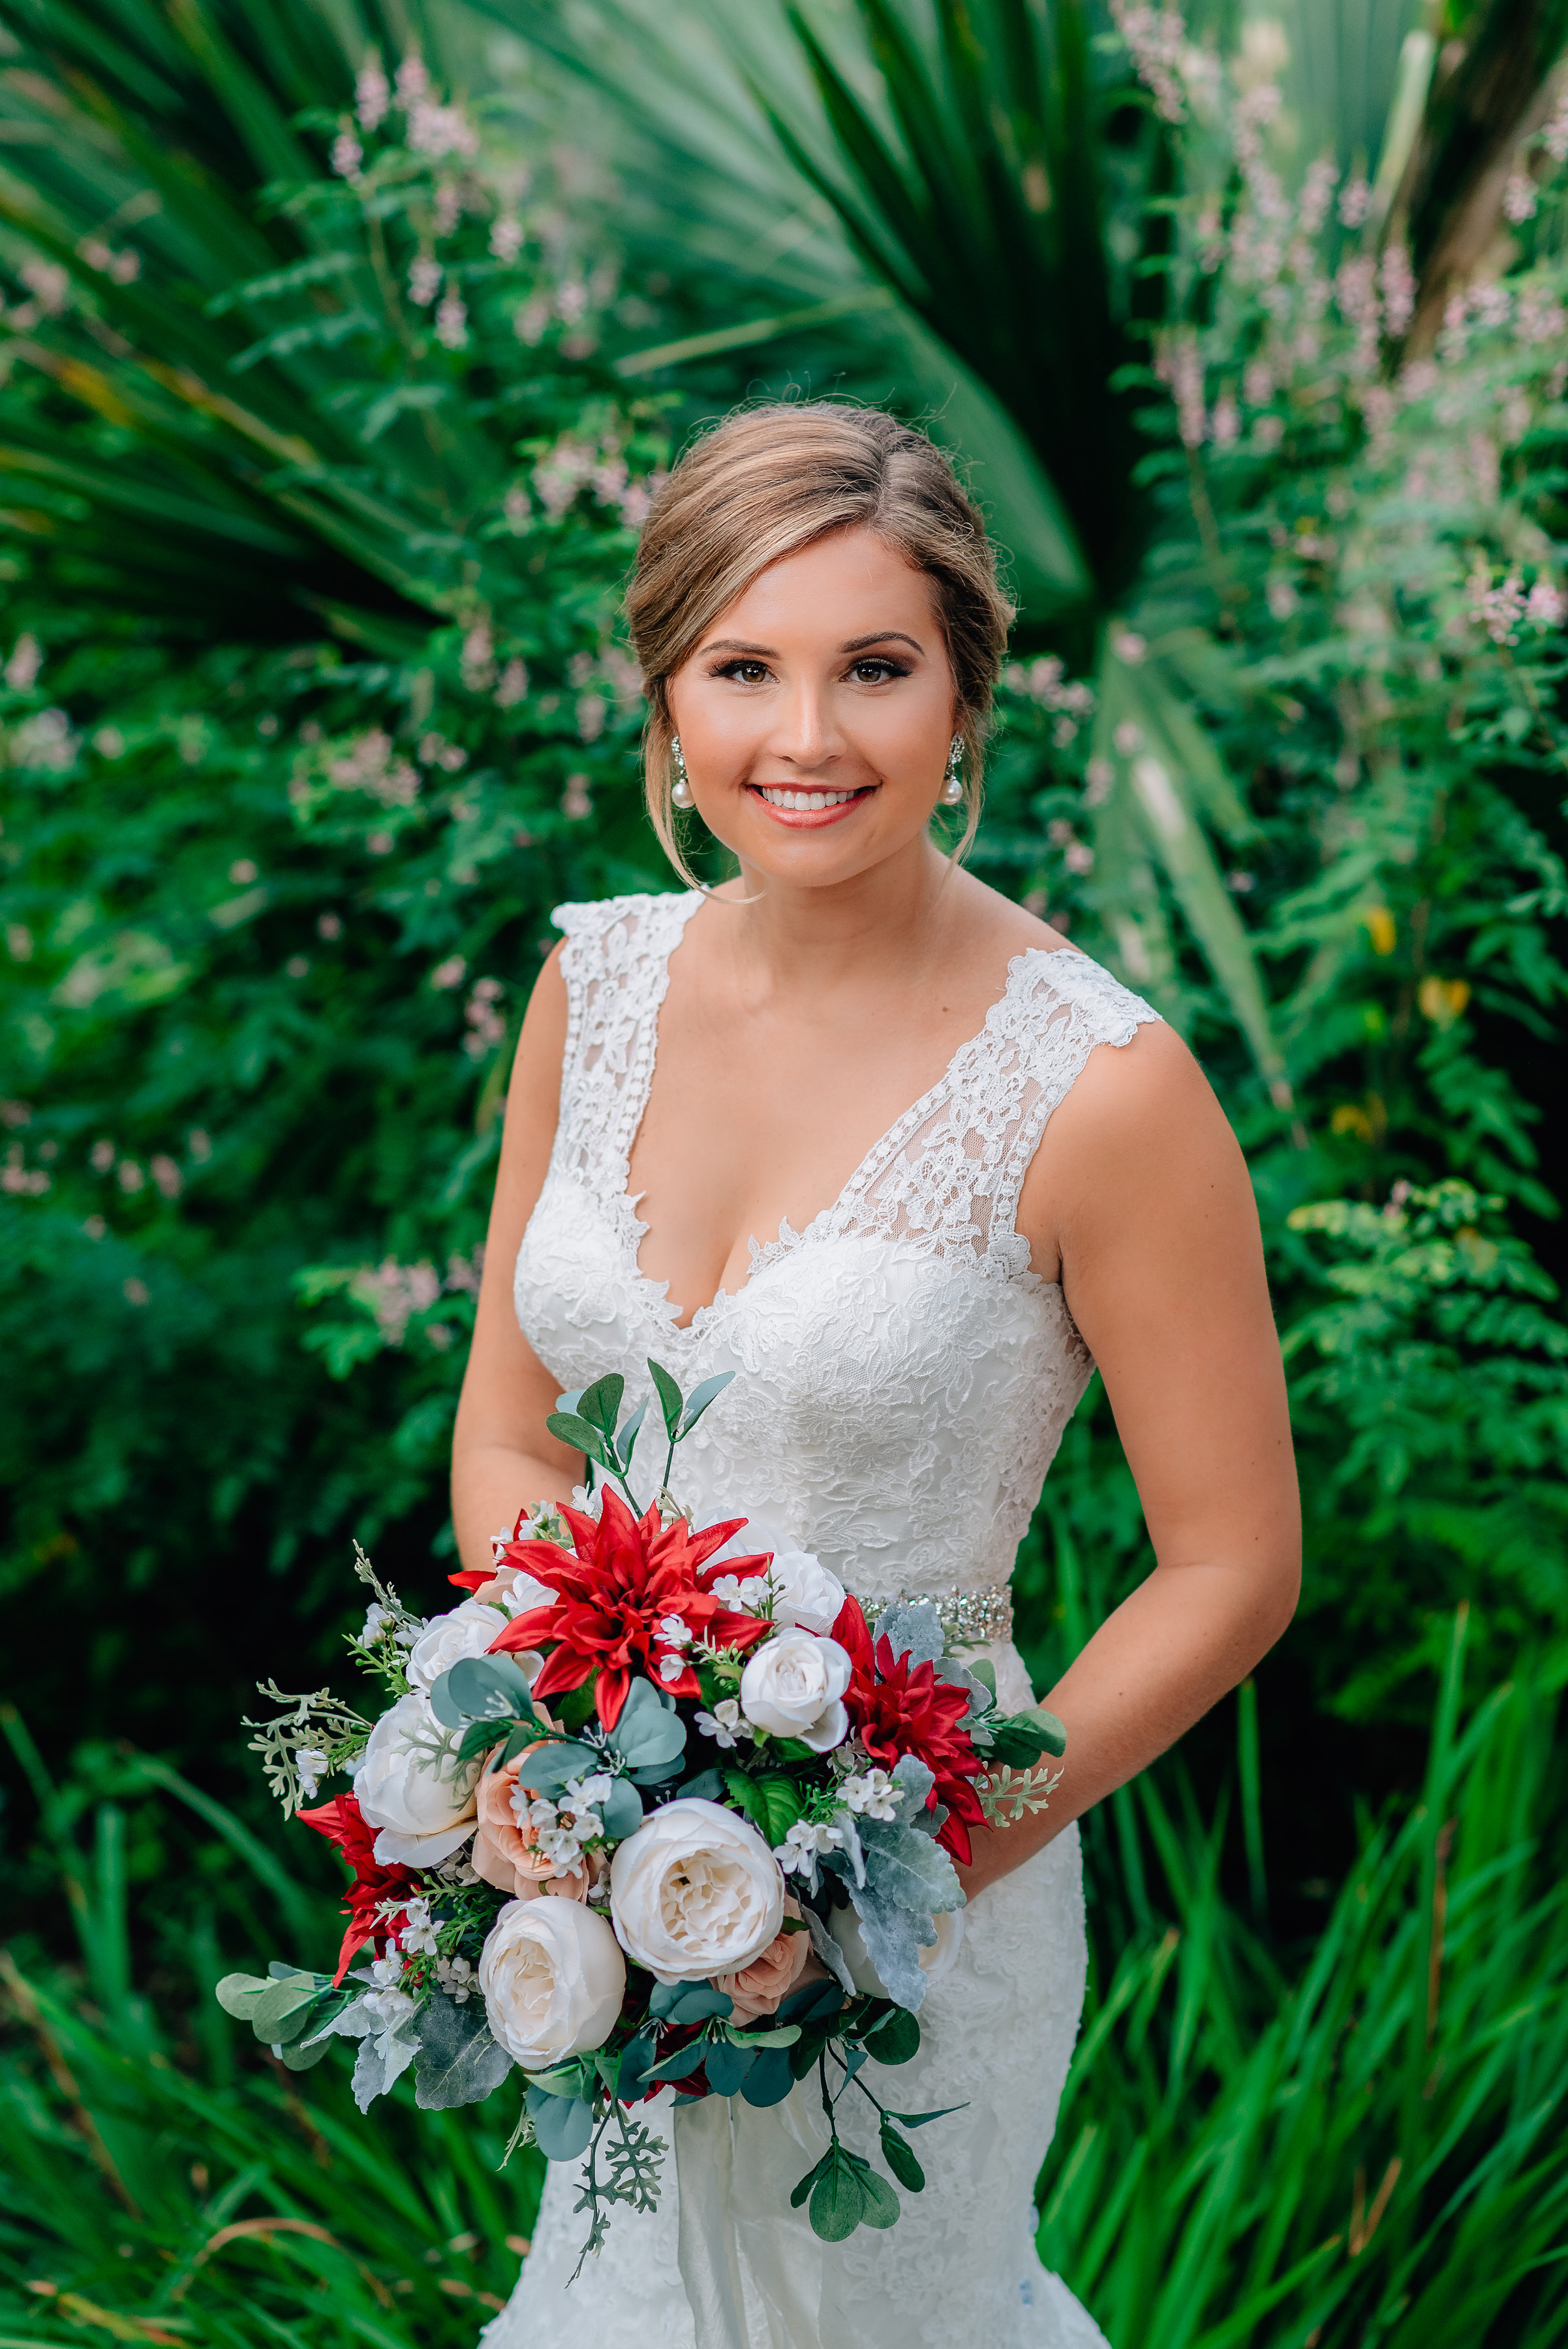 Kelsey_bridals-15.jpg